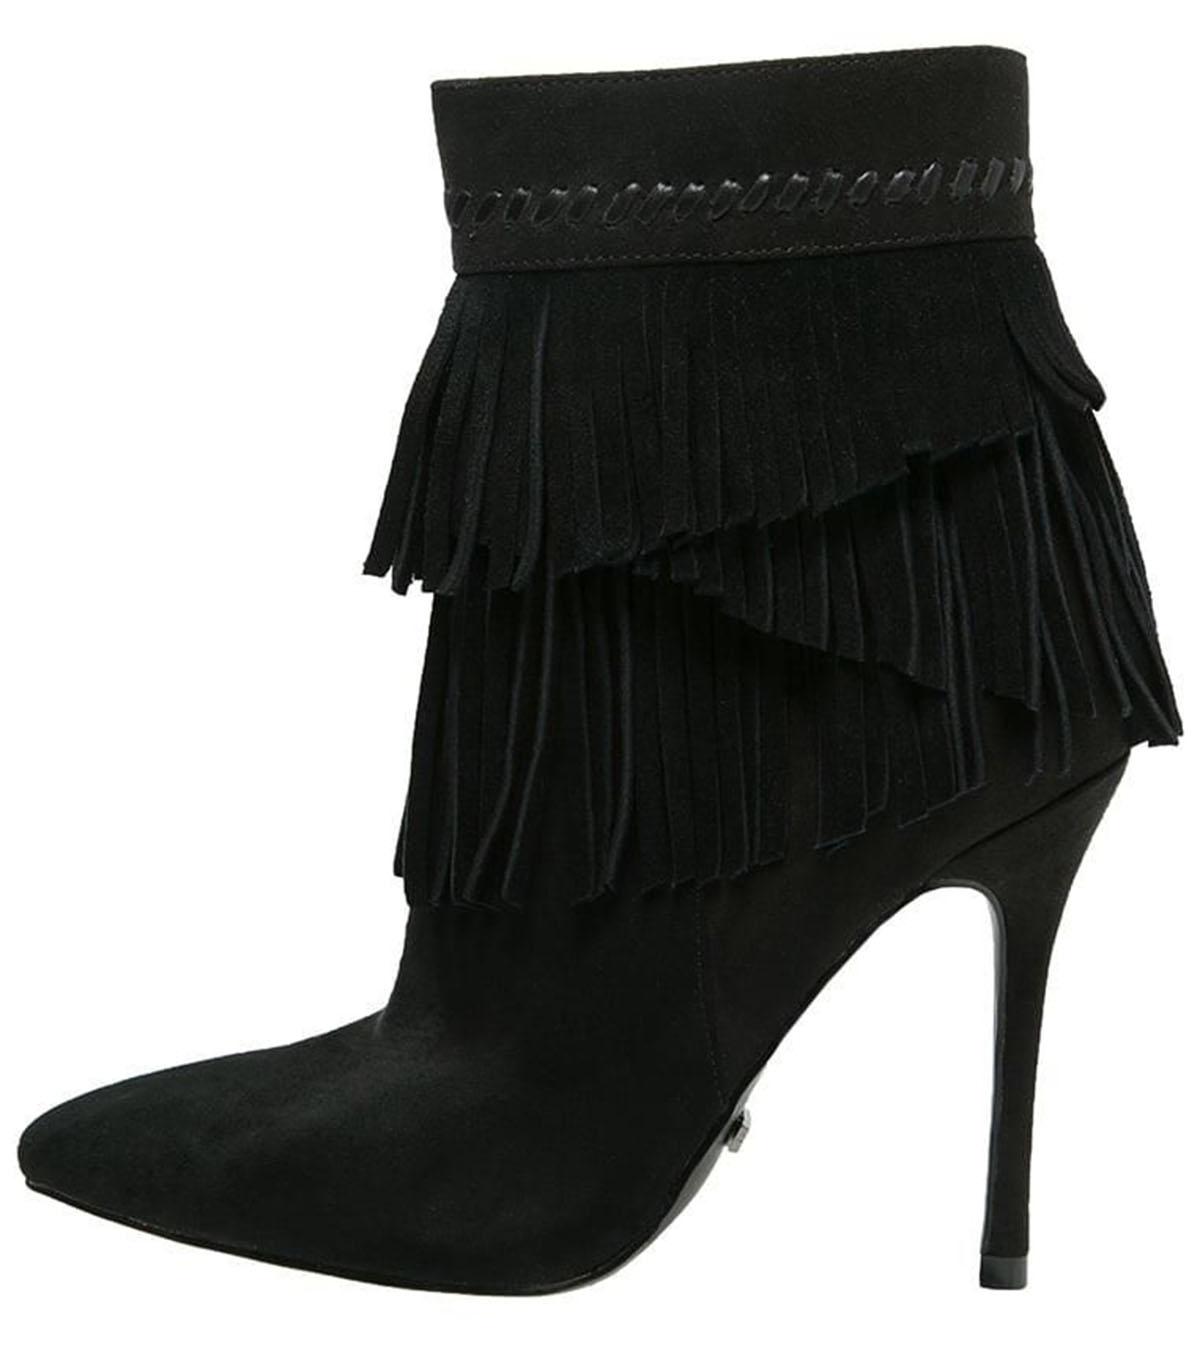 Dettagli su Primadonna COLLECTION nero pelle e tessuto alla caviglia stiletto stivali Nero 7UK mostra il titolo originale